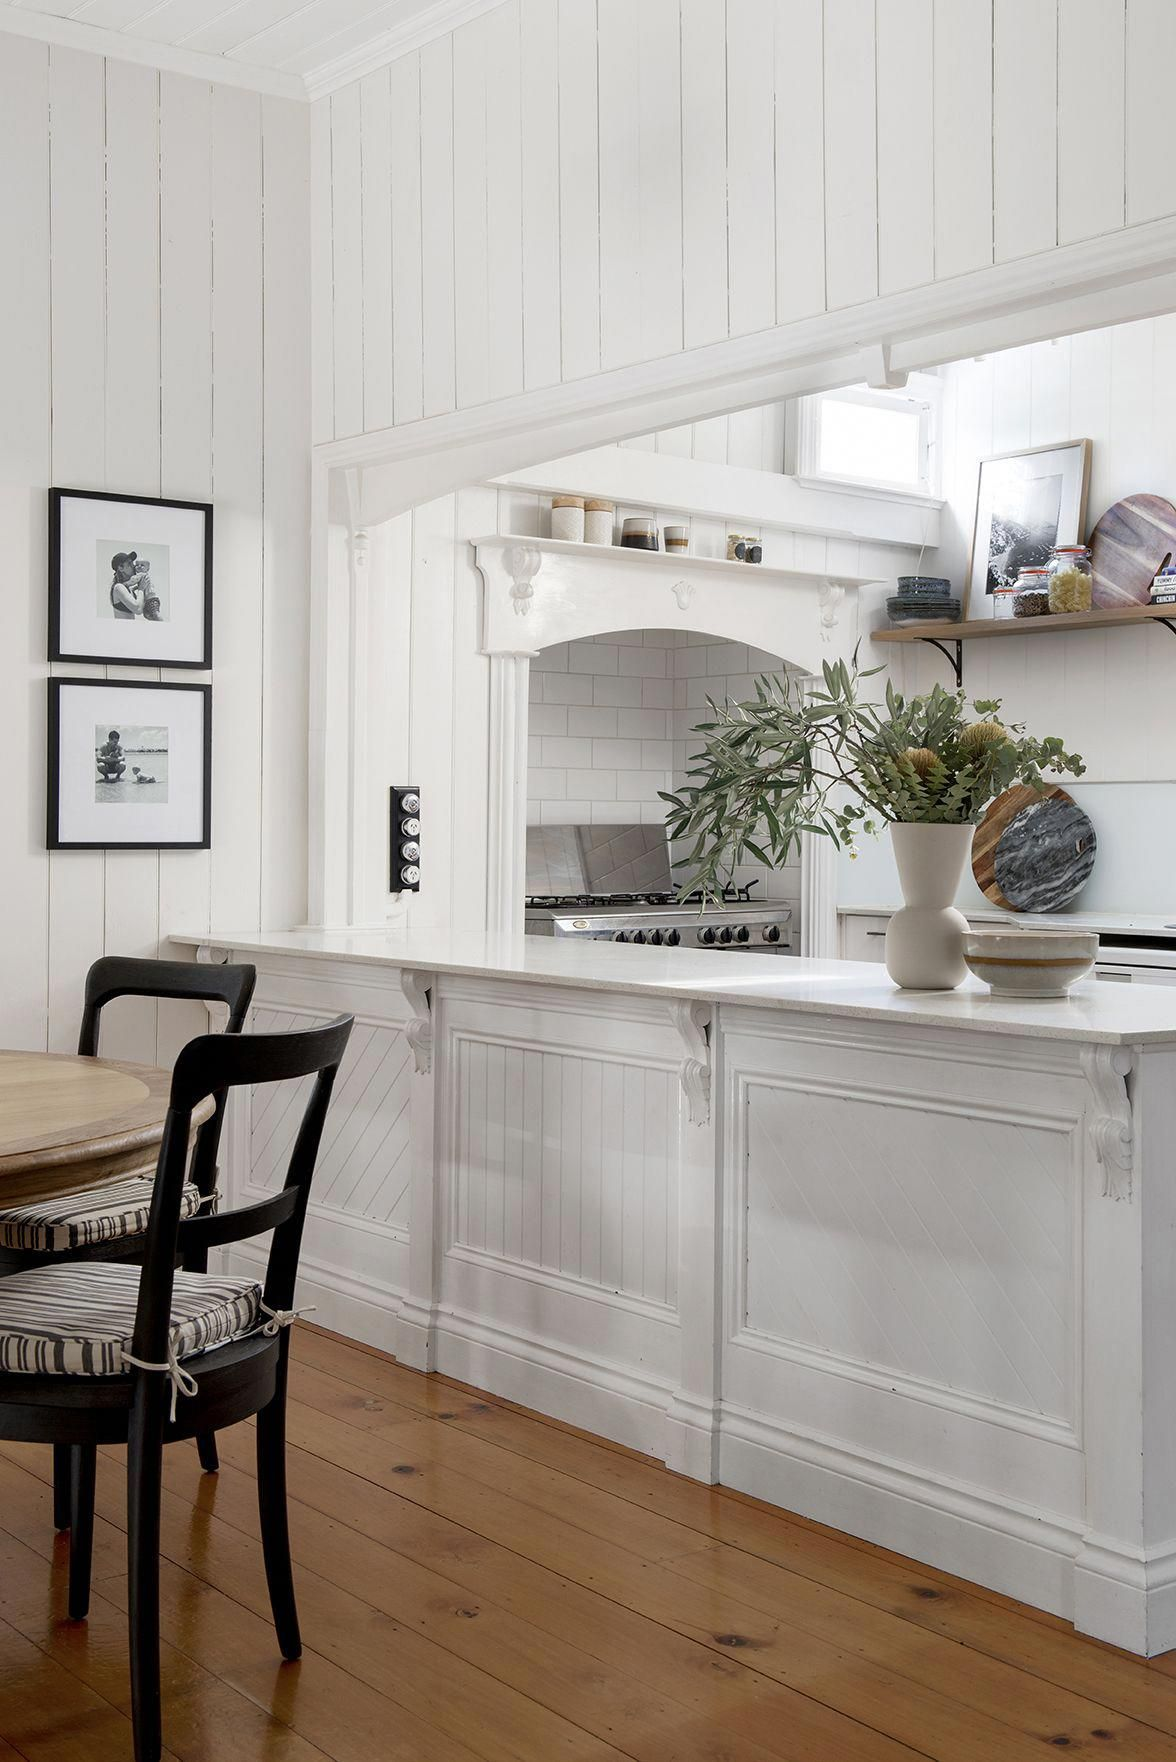 small elegant kitchens smallkitchens in 2020 kitchen interior queenslander house kitchen on kitchen interior queenslander id=93338